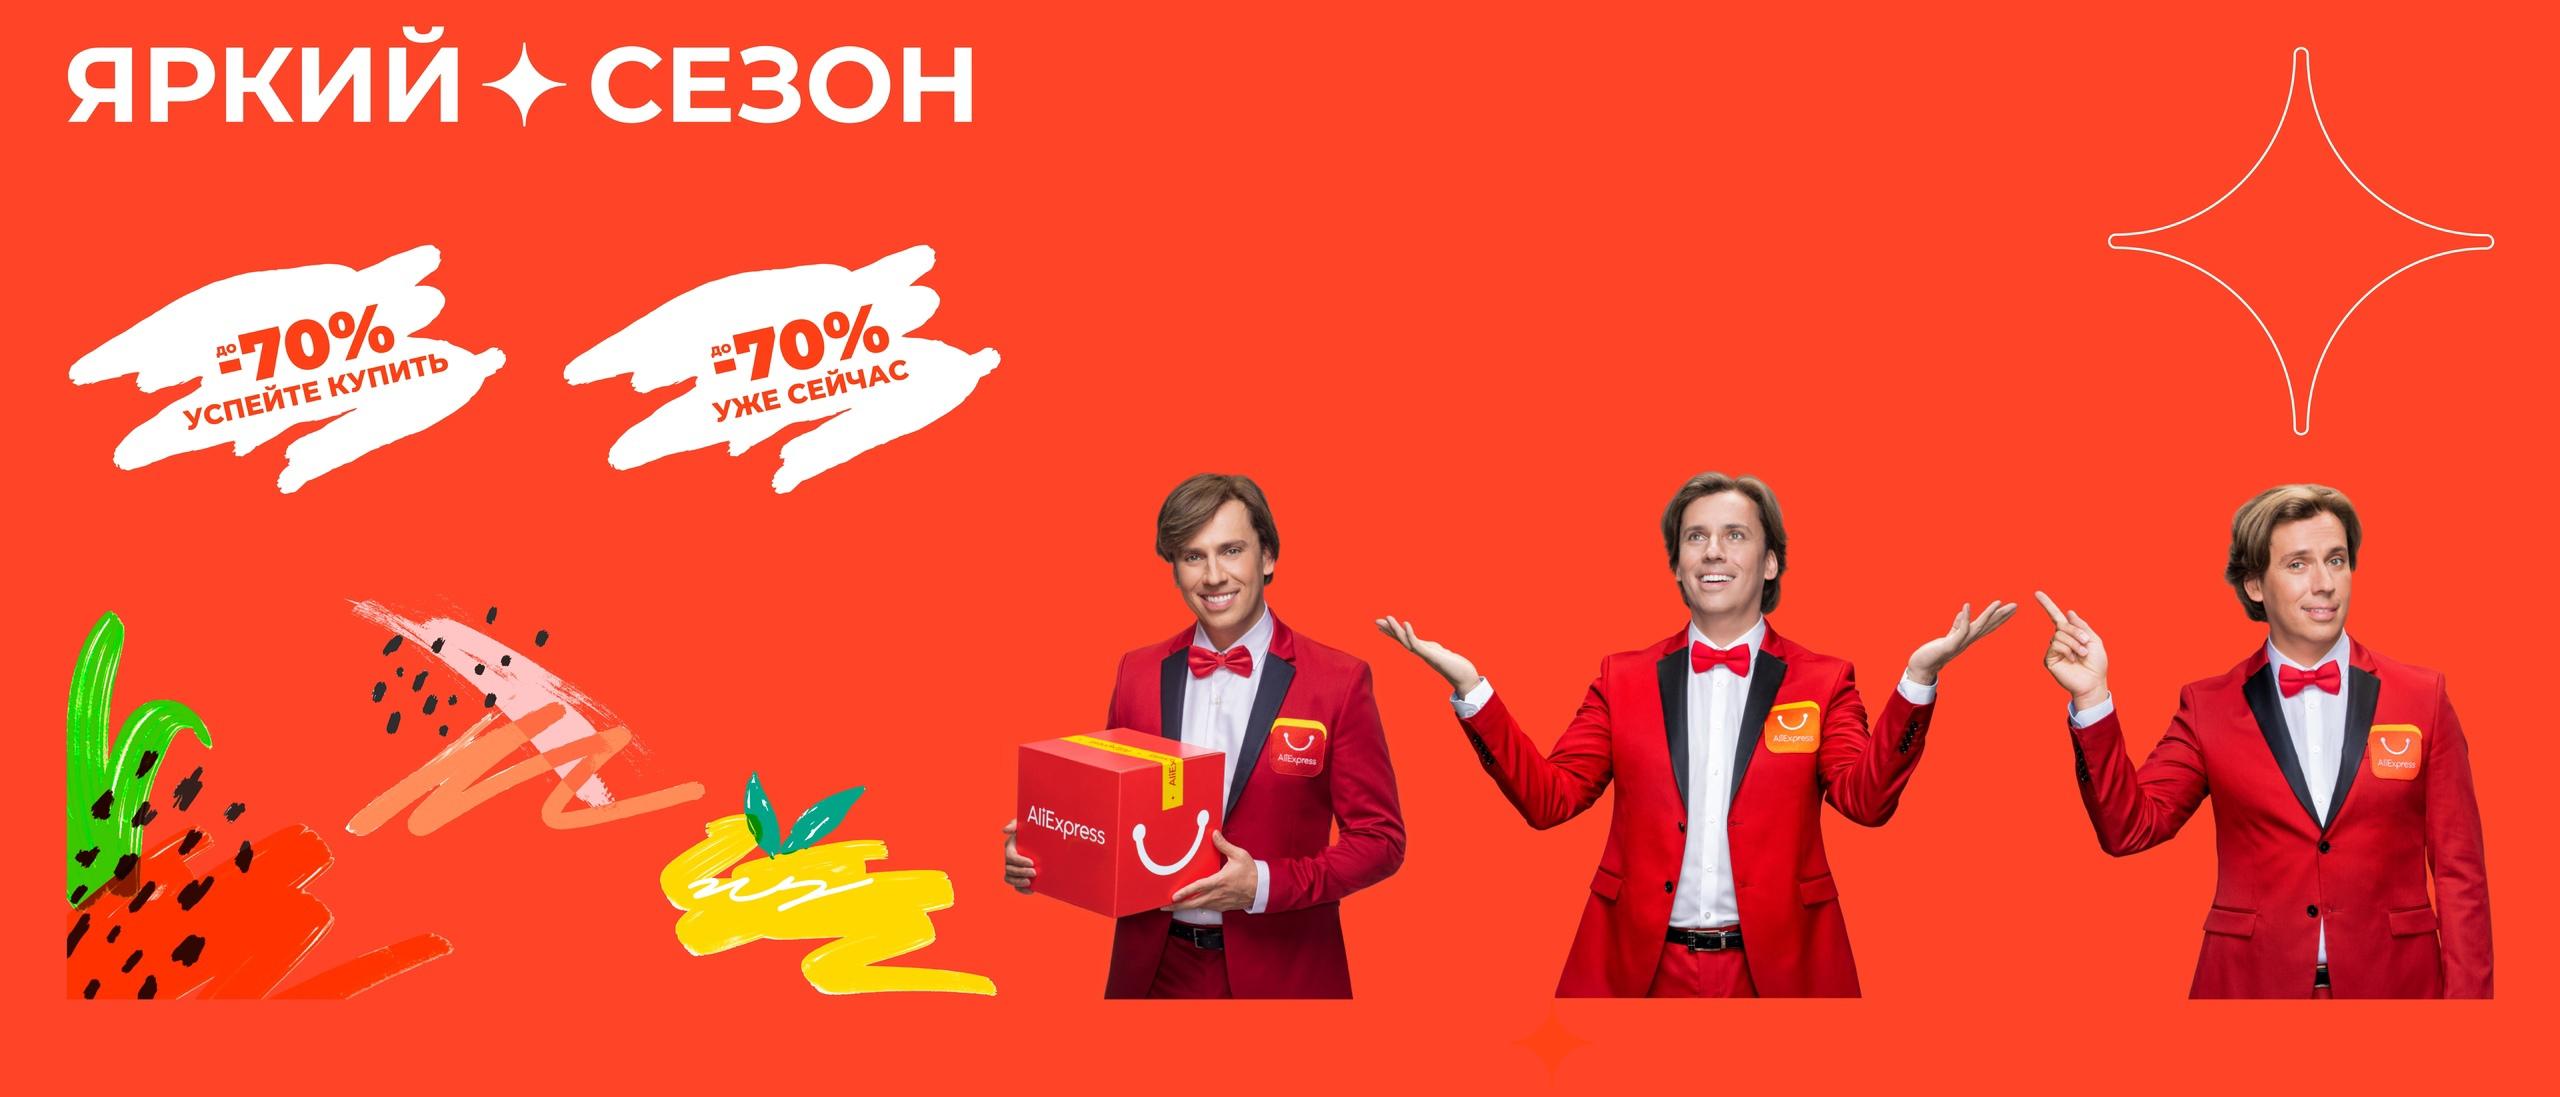 Летняя распродажа «Яркий сезон» на Алиэкспресс в 2021 году